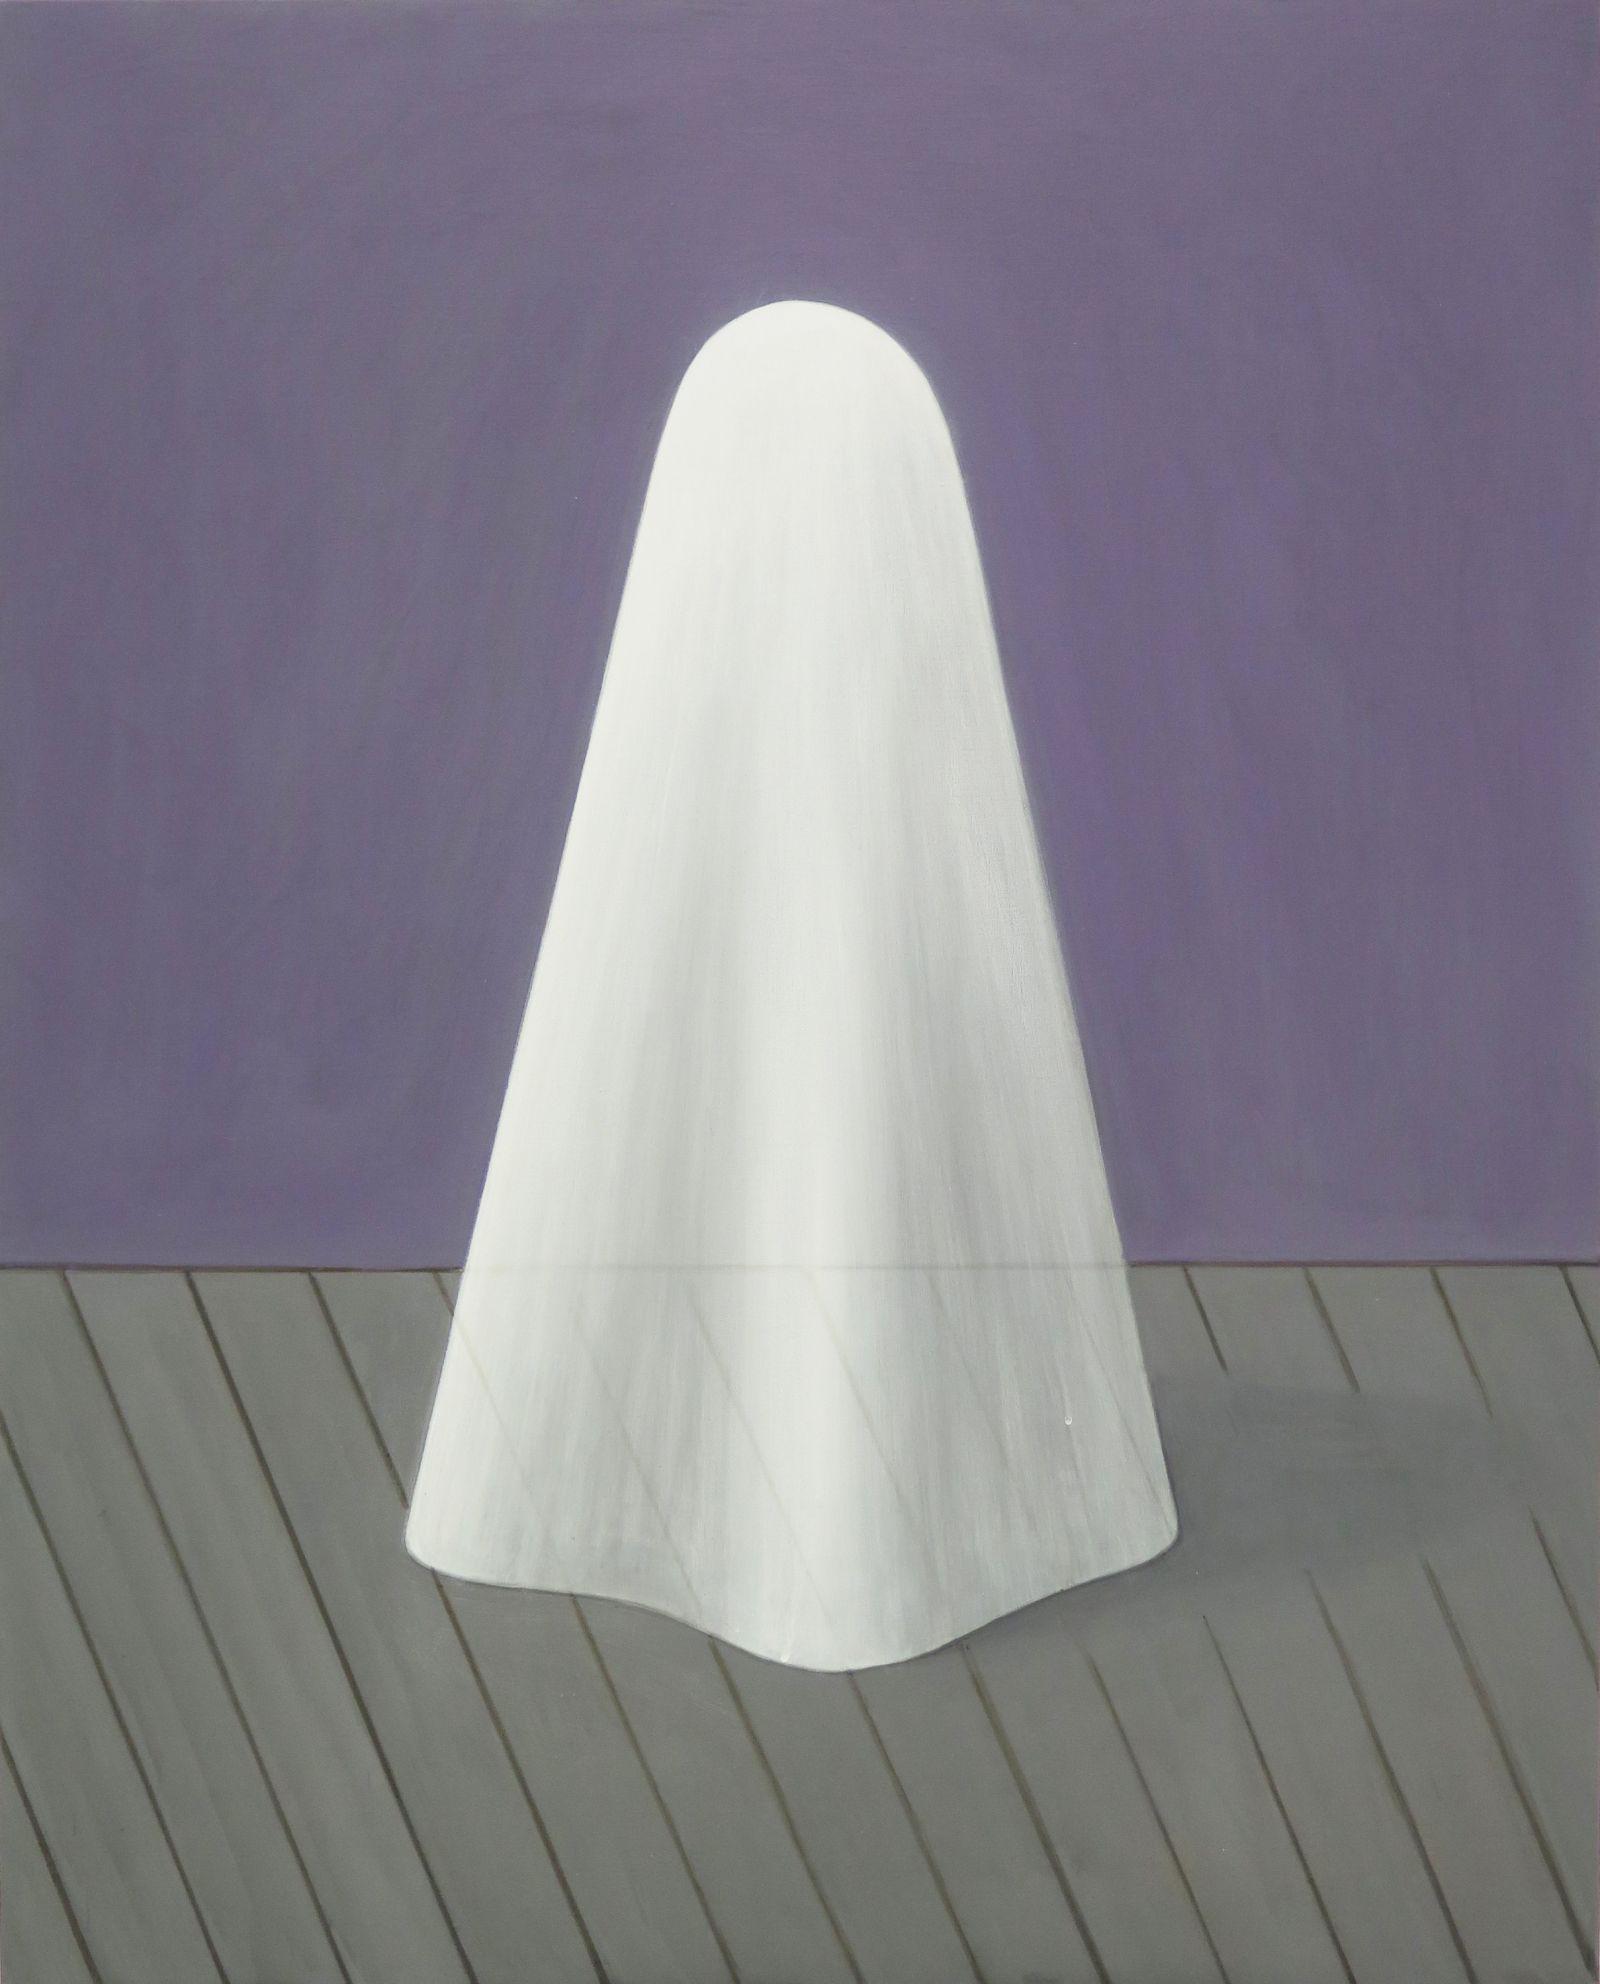 ge-ghost-in-the-studio_acrylique-et-pigment-phosphorescent-sur-toile_81x65cm_2018_1700-a35d3e9a50e4636a231d666141b732ea